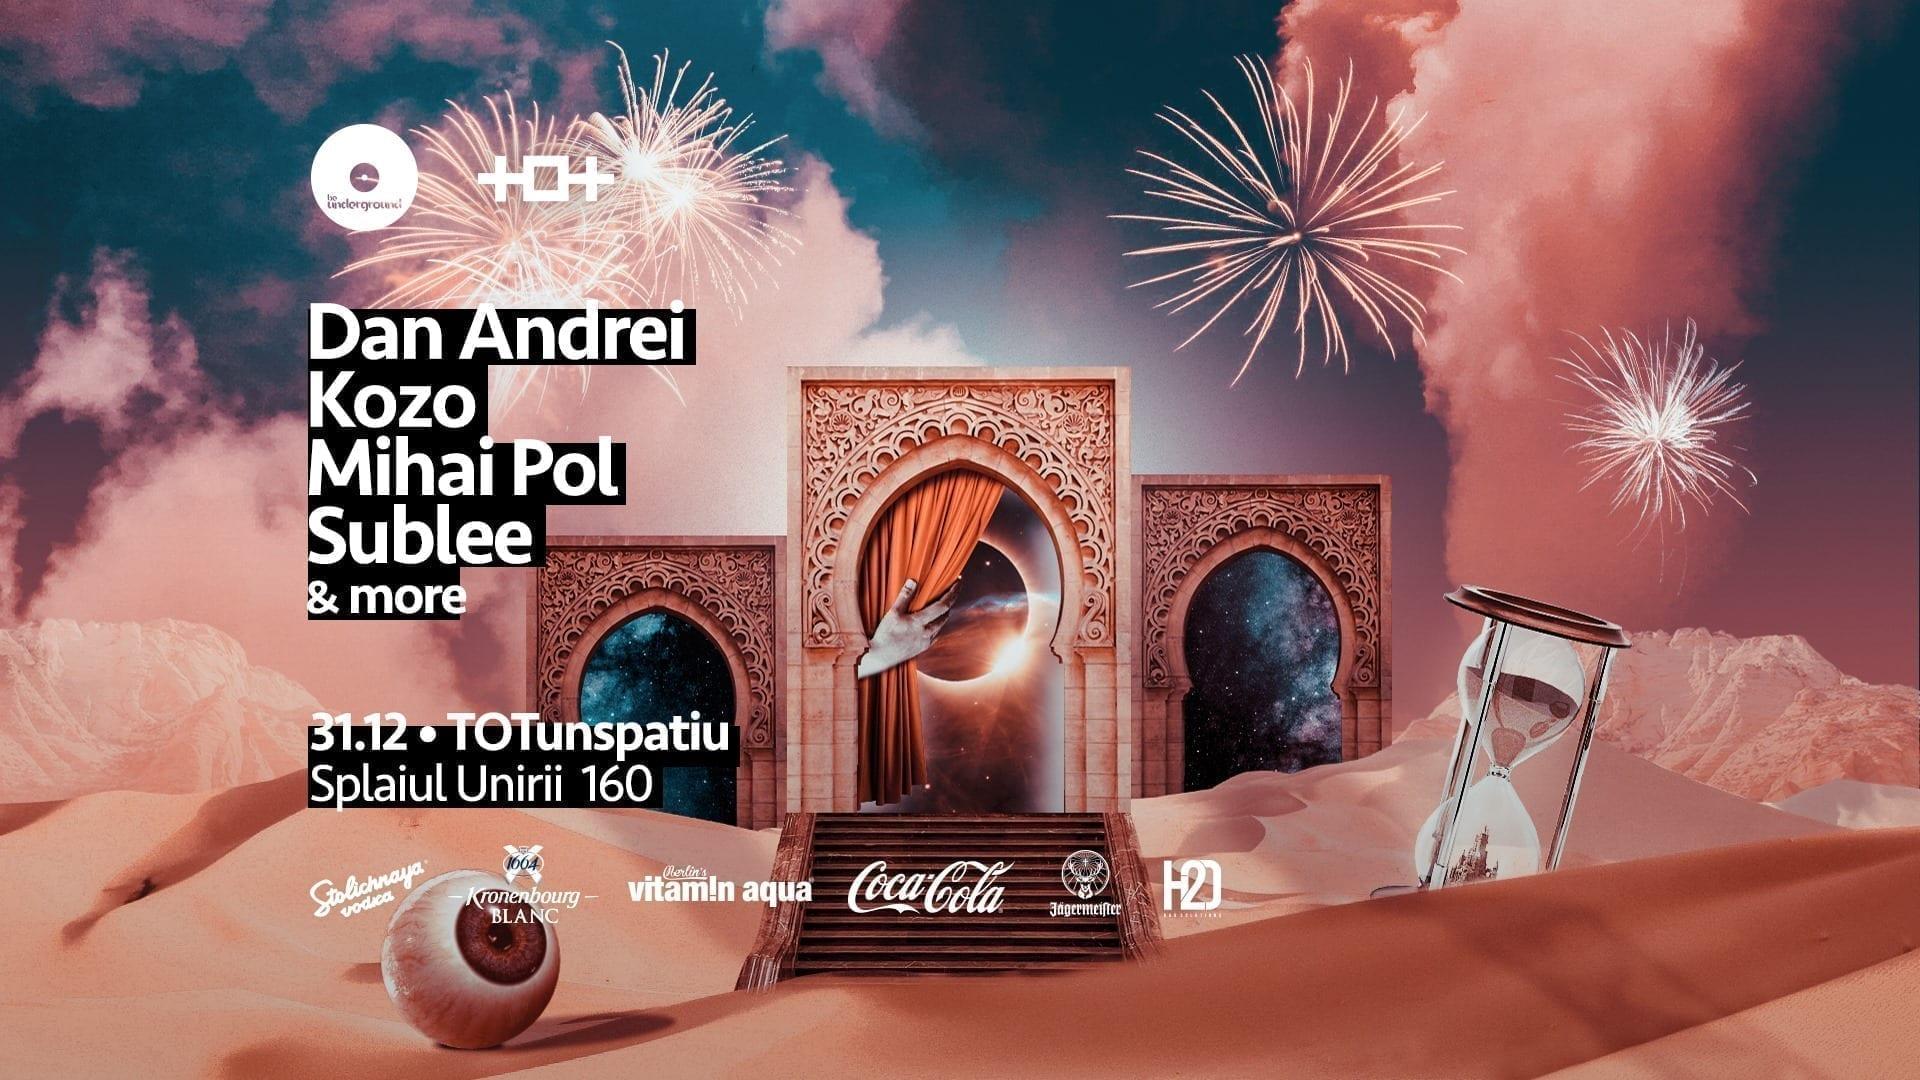 TOT NYE 2020 w. Sublee Kozo Mihai Pol Dan Andrei & more